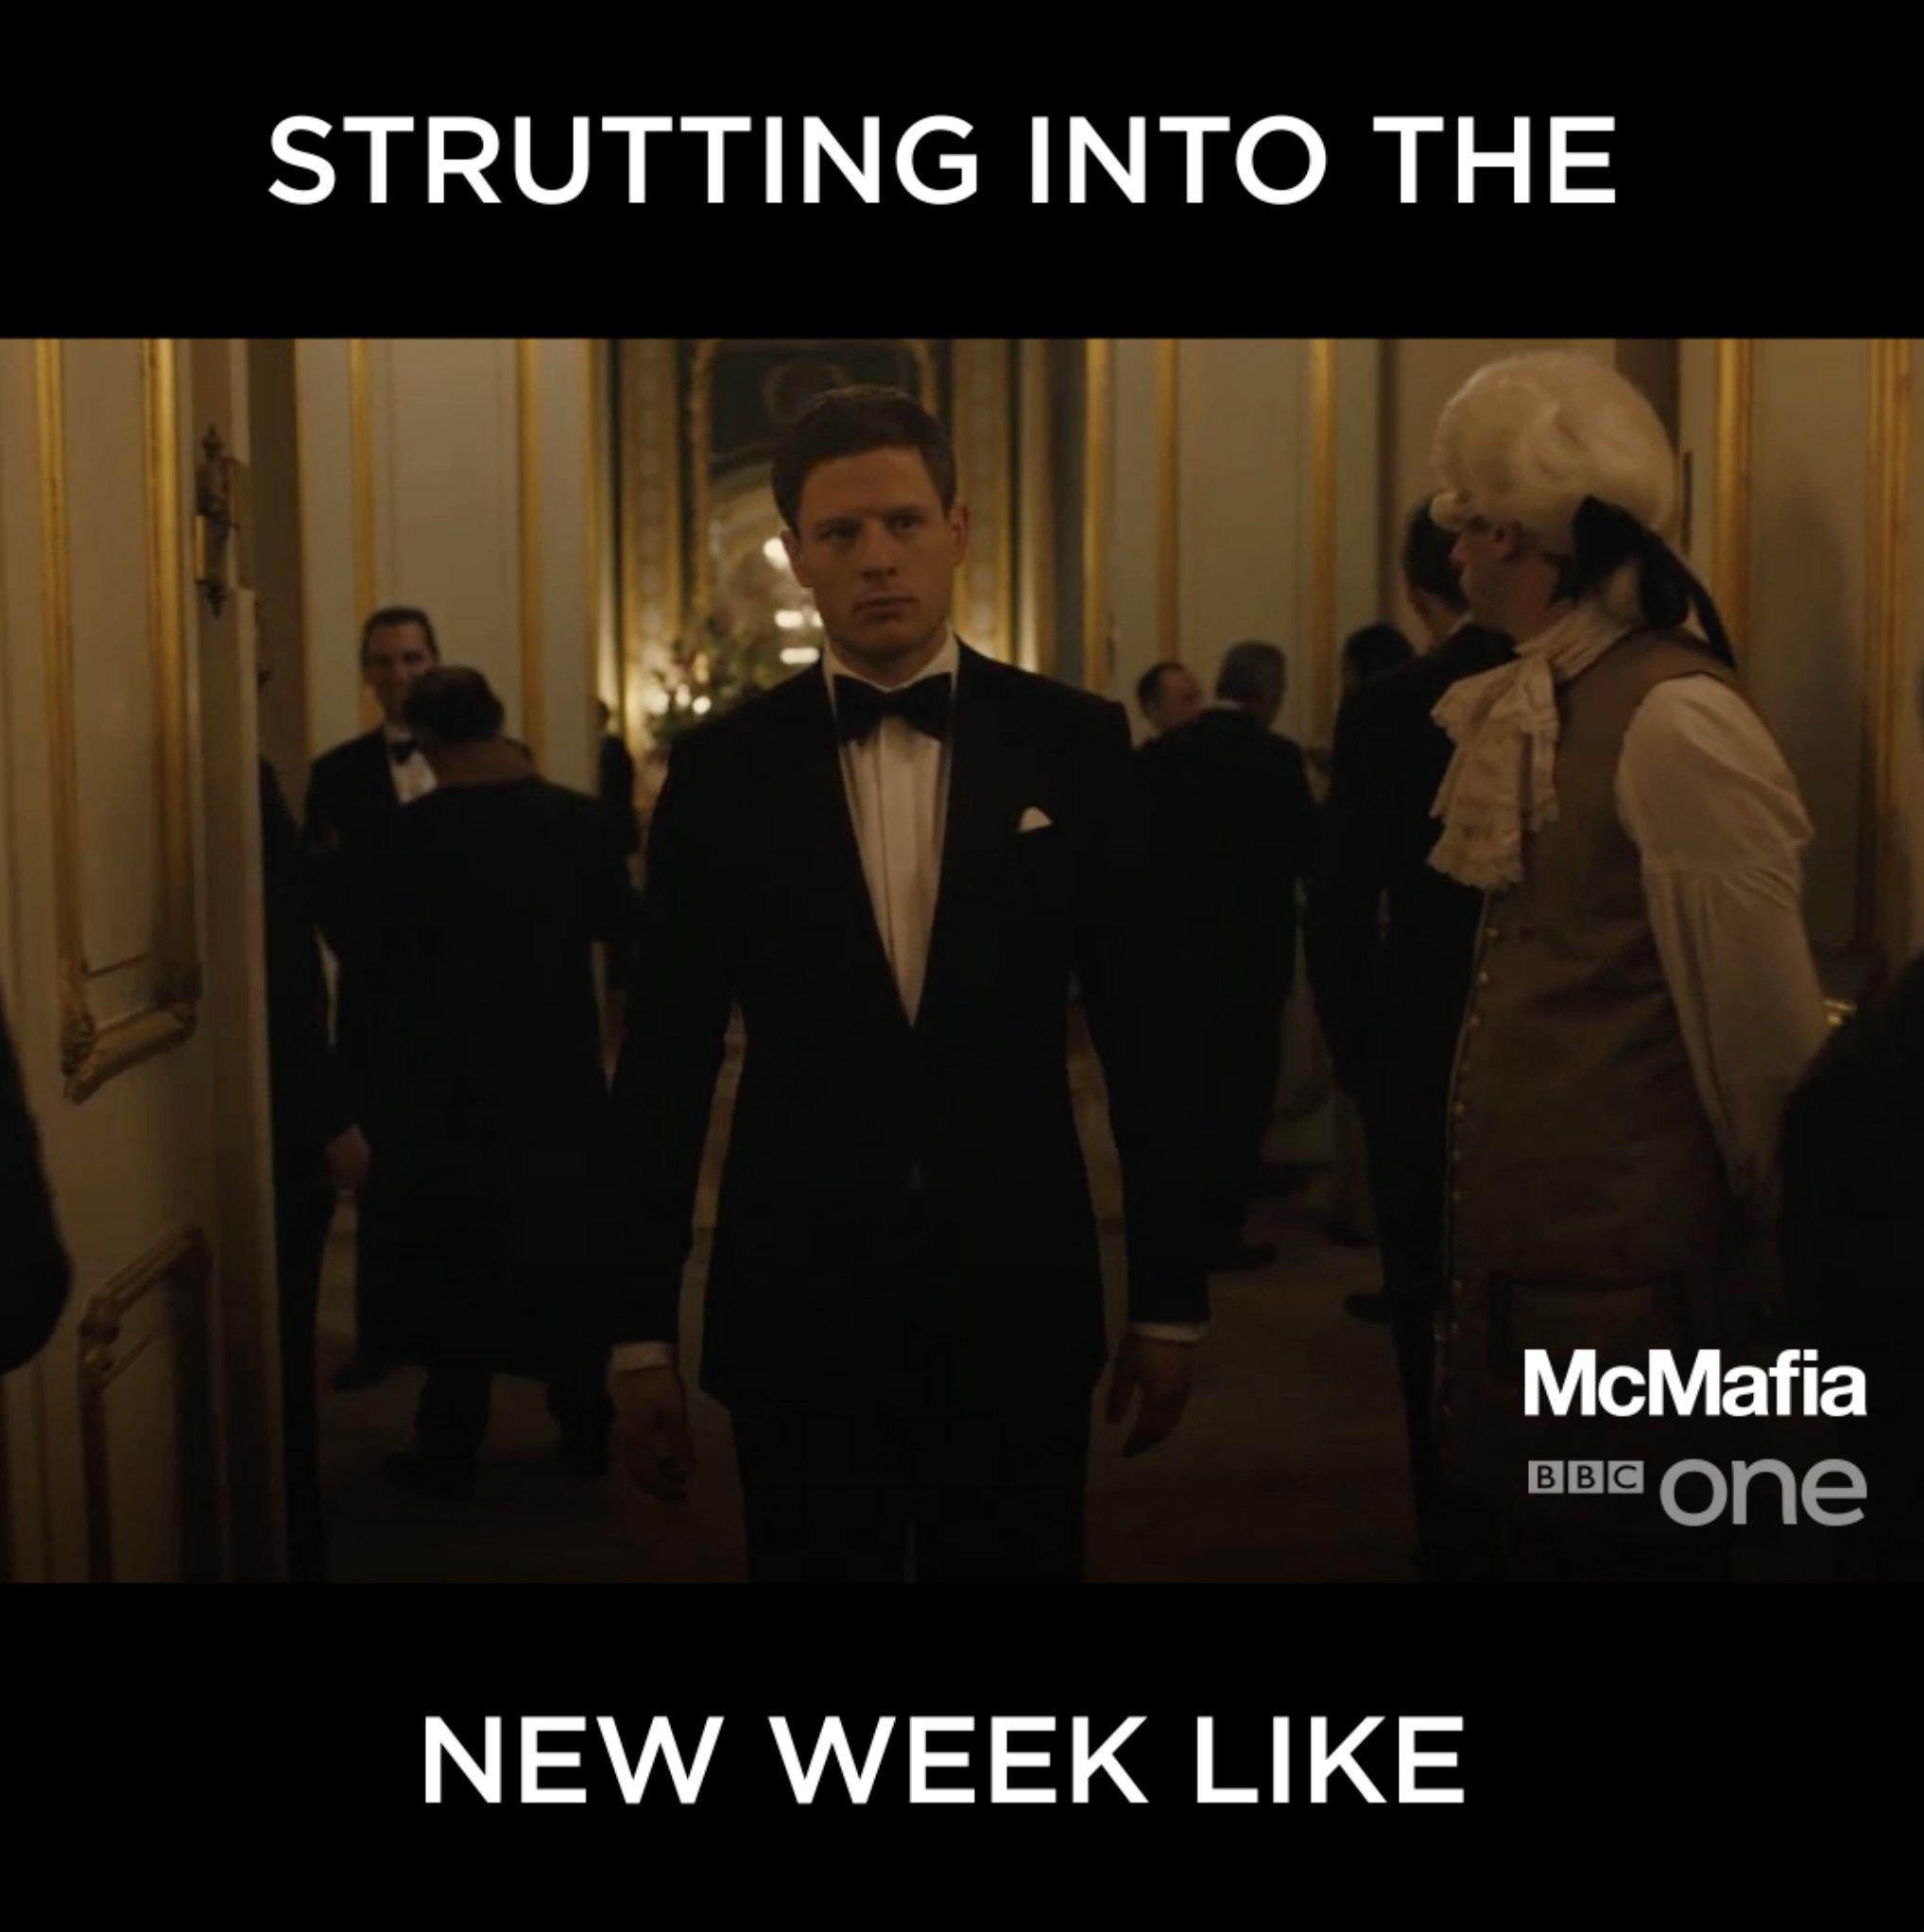 Own it. #McMafia https://t.co/1xUX8QBjPv